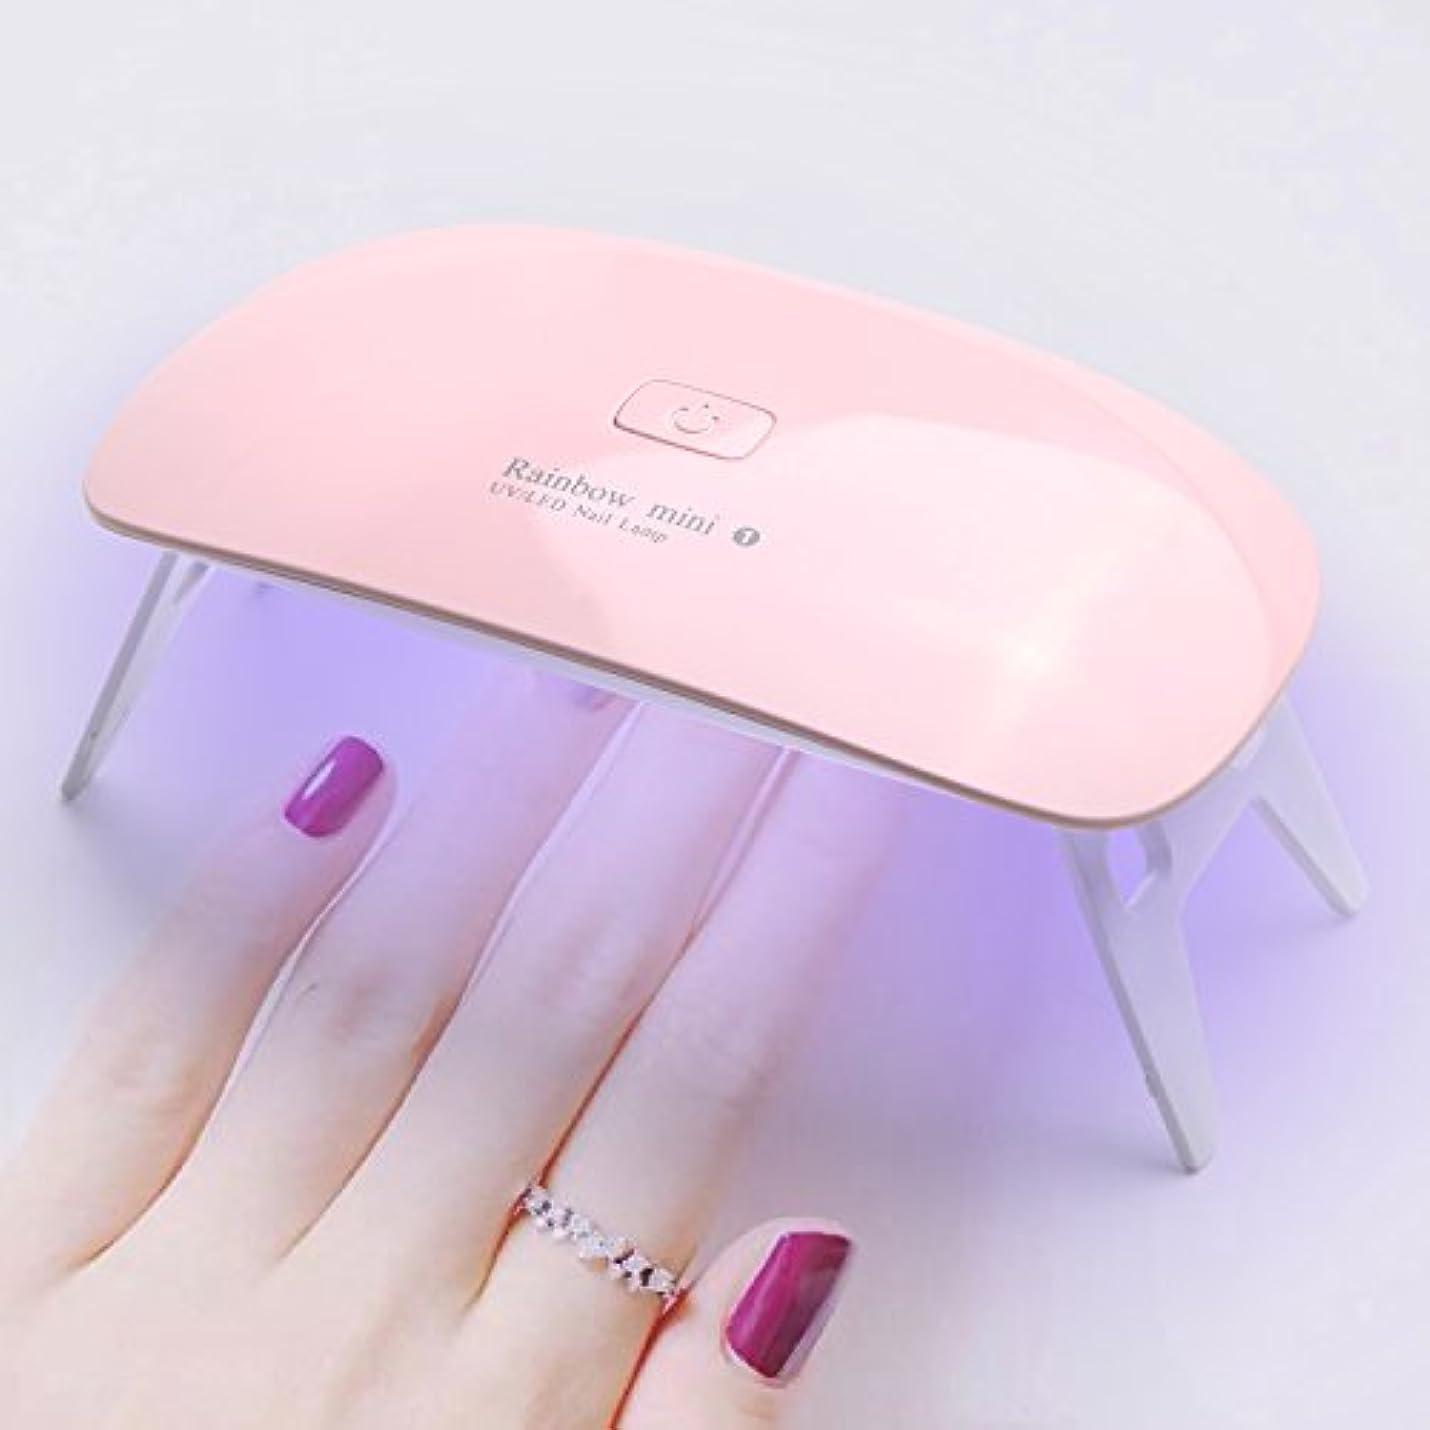 こだわりグレードまとめるLEDネイルドライヤー AmoVee UVライト タイマー設定可能 折りたたみ式 ジェルネイル用 (pink)